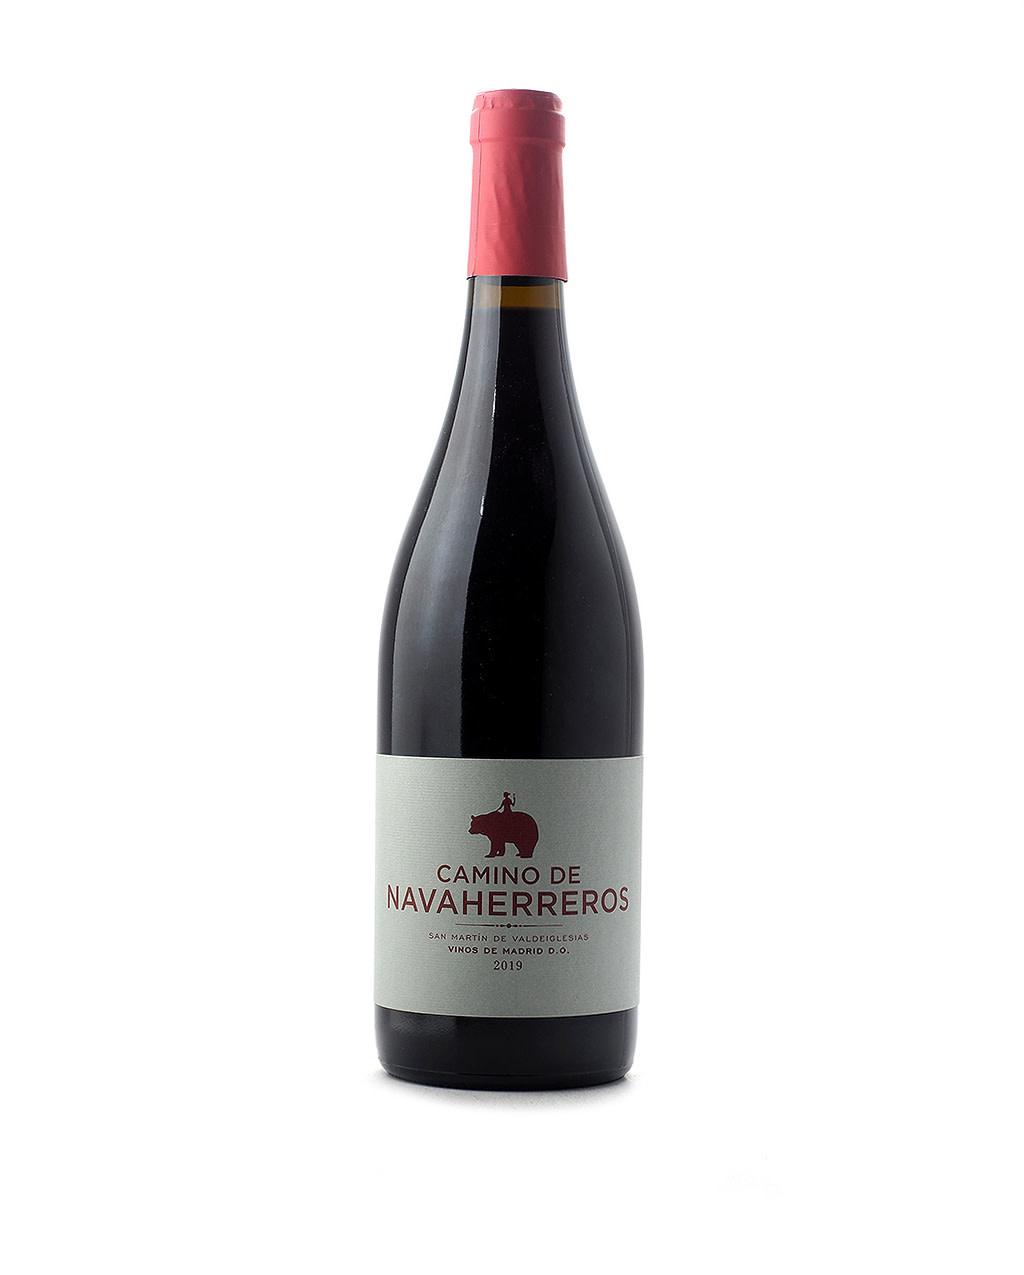 Bernabeleva Camino de Navaherreros Vinos de Madrid 2019